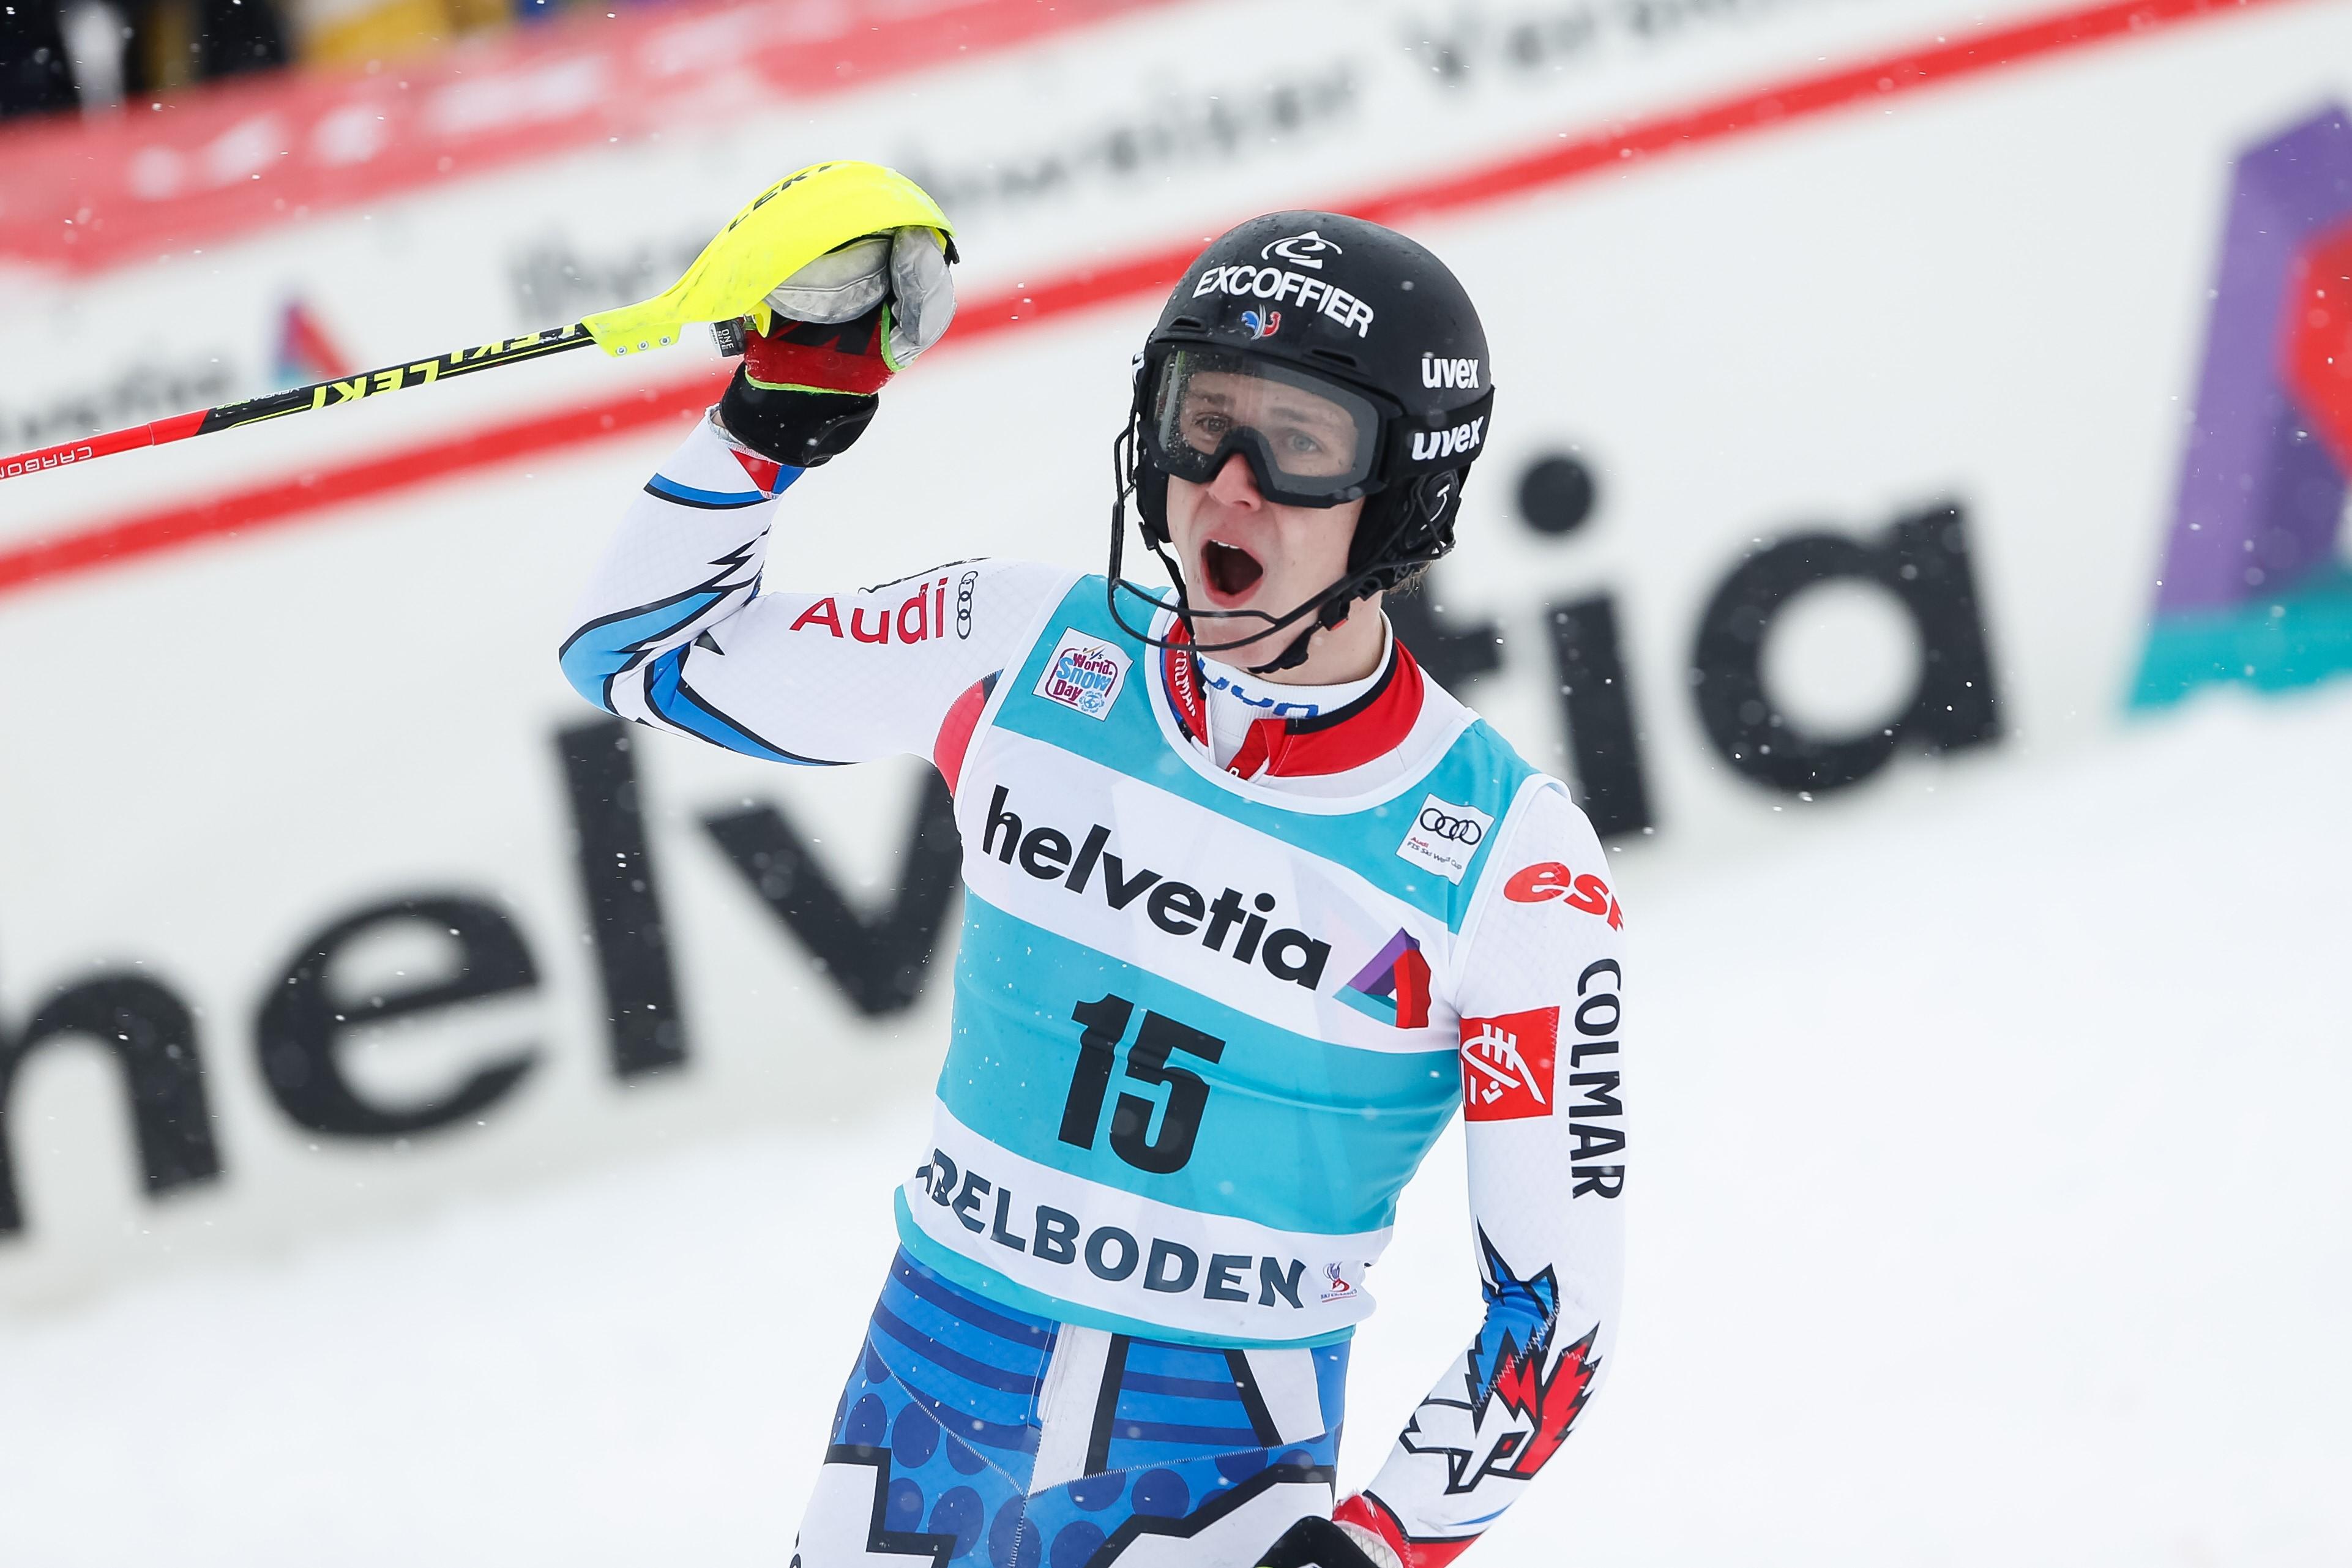 Céement Noël lors du slalom à Adelboden le 13 janvier 2019